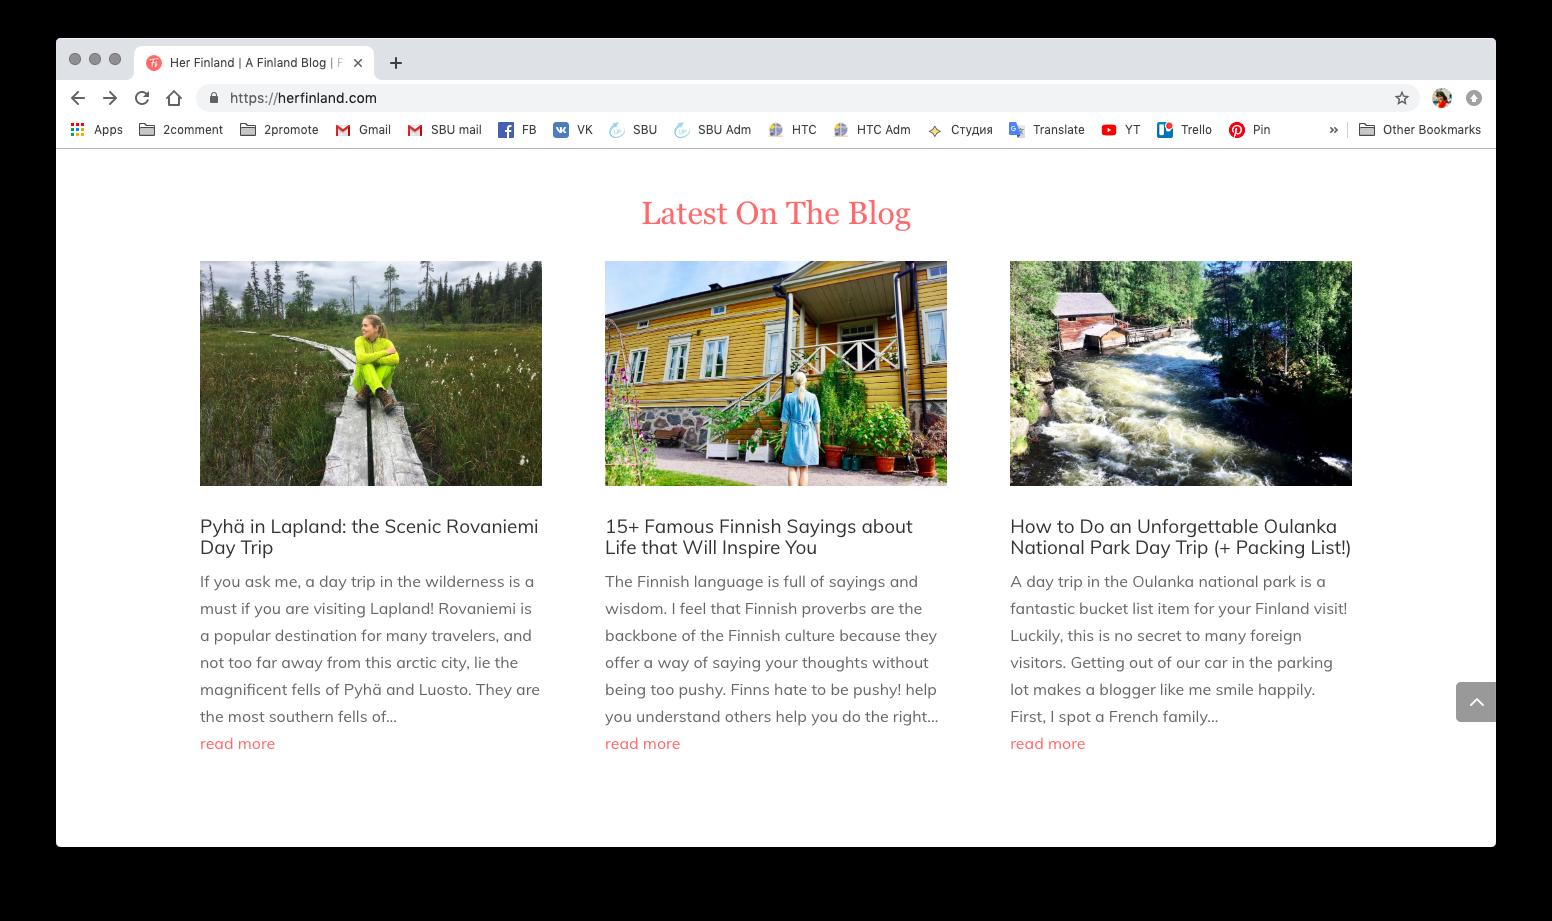 7 вещей, чтобы превратить обычных пользователей в ваших фанатов   Блог Варвары Лялягиной Start Blog Up